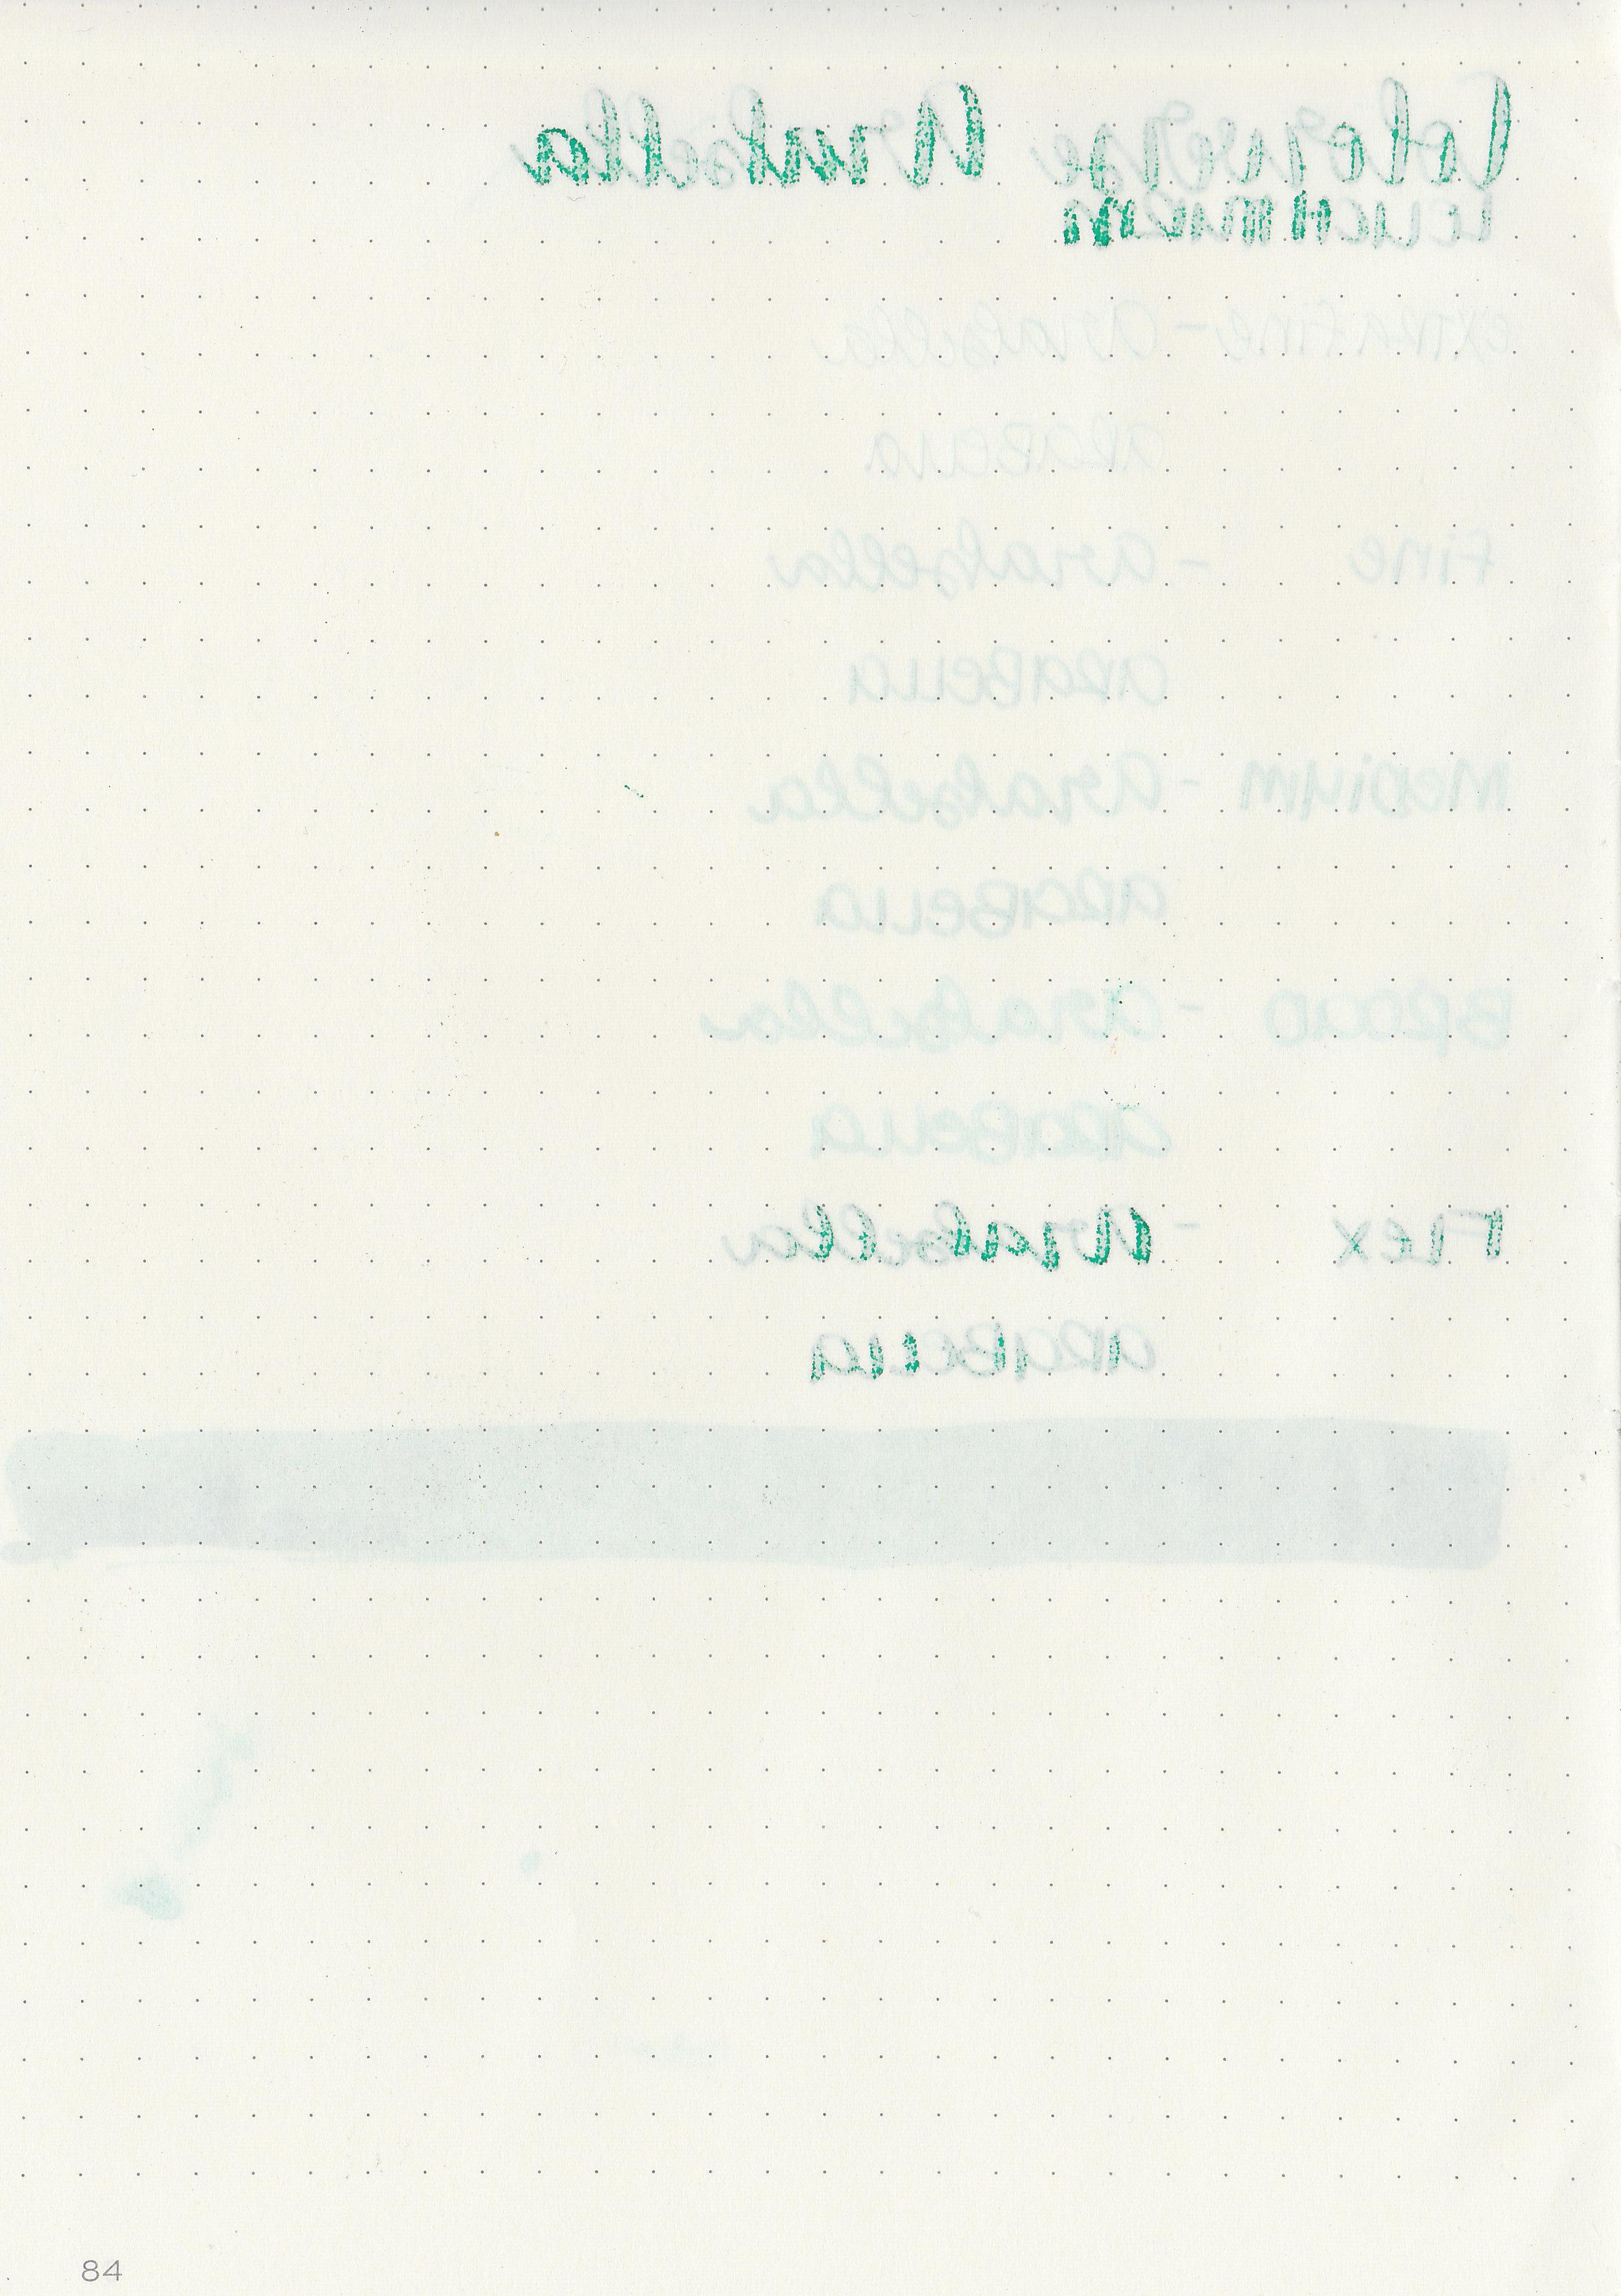 cv-arabella-10.jpg